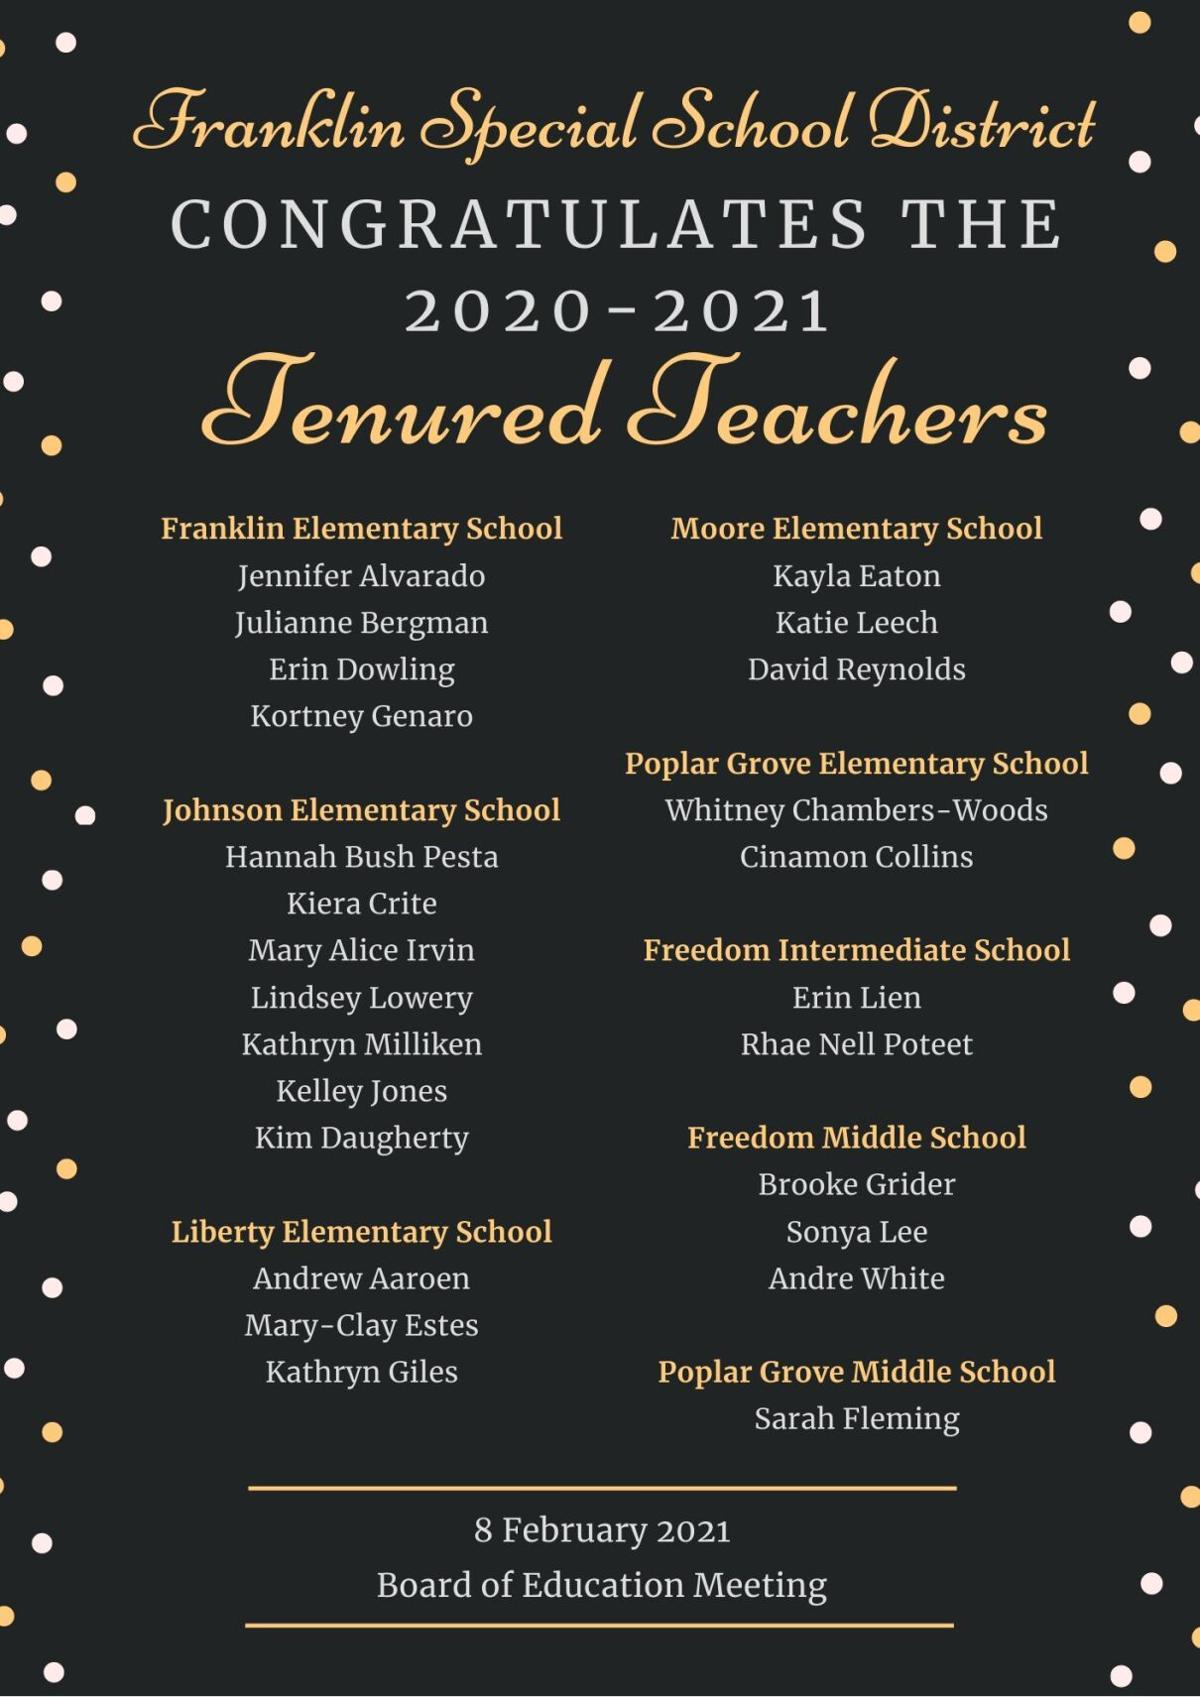 FSSD tenured teachers 2021